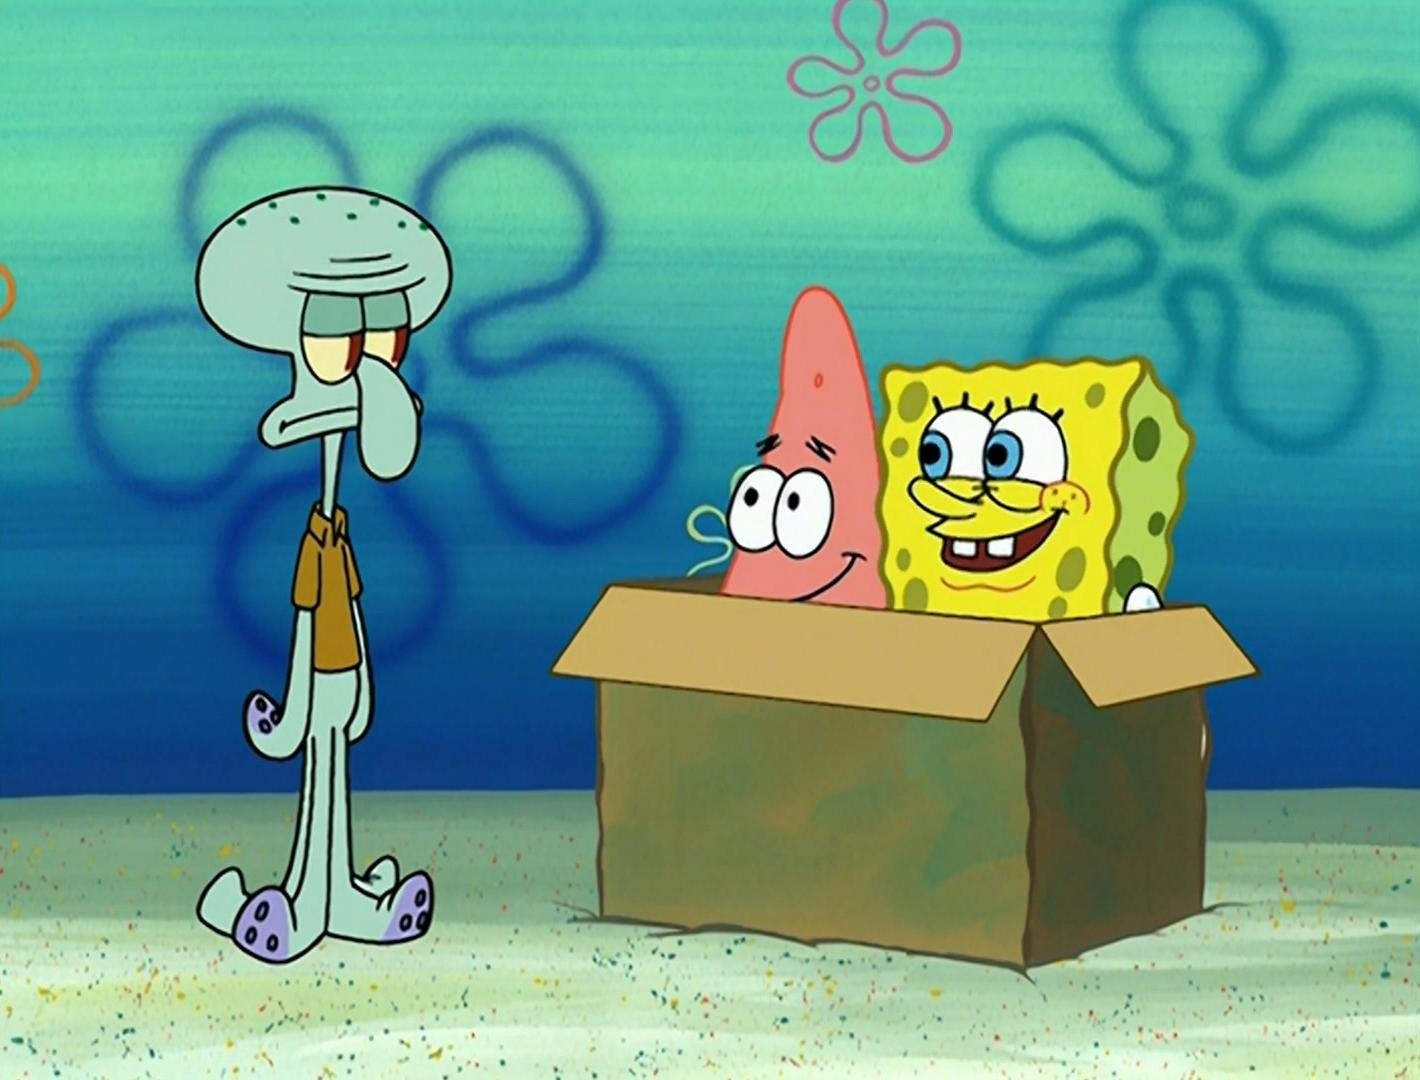 File:Idiot Box 028.png